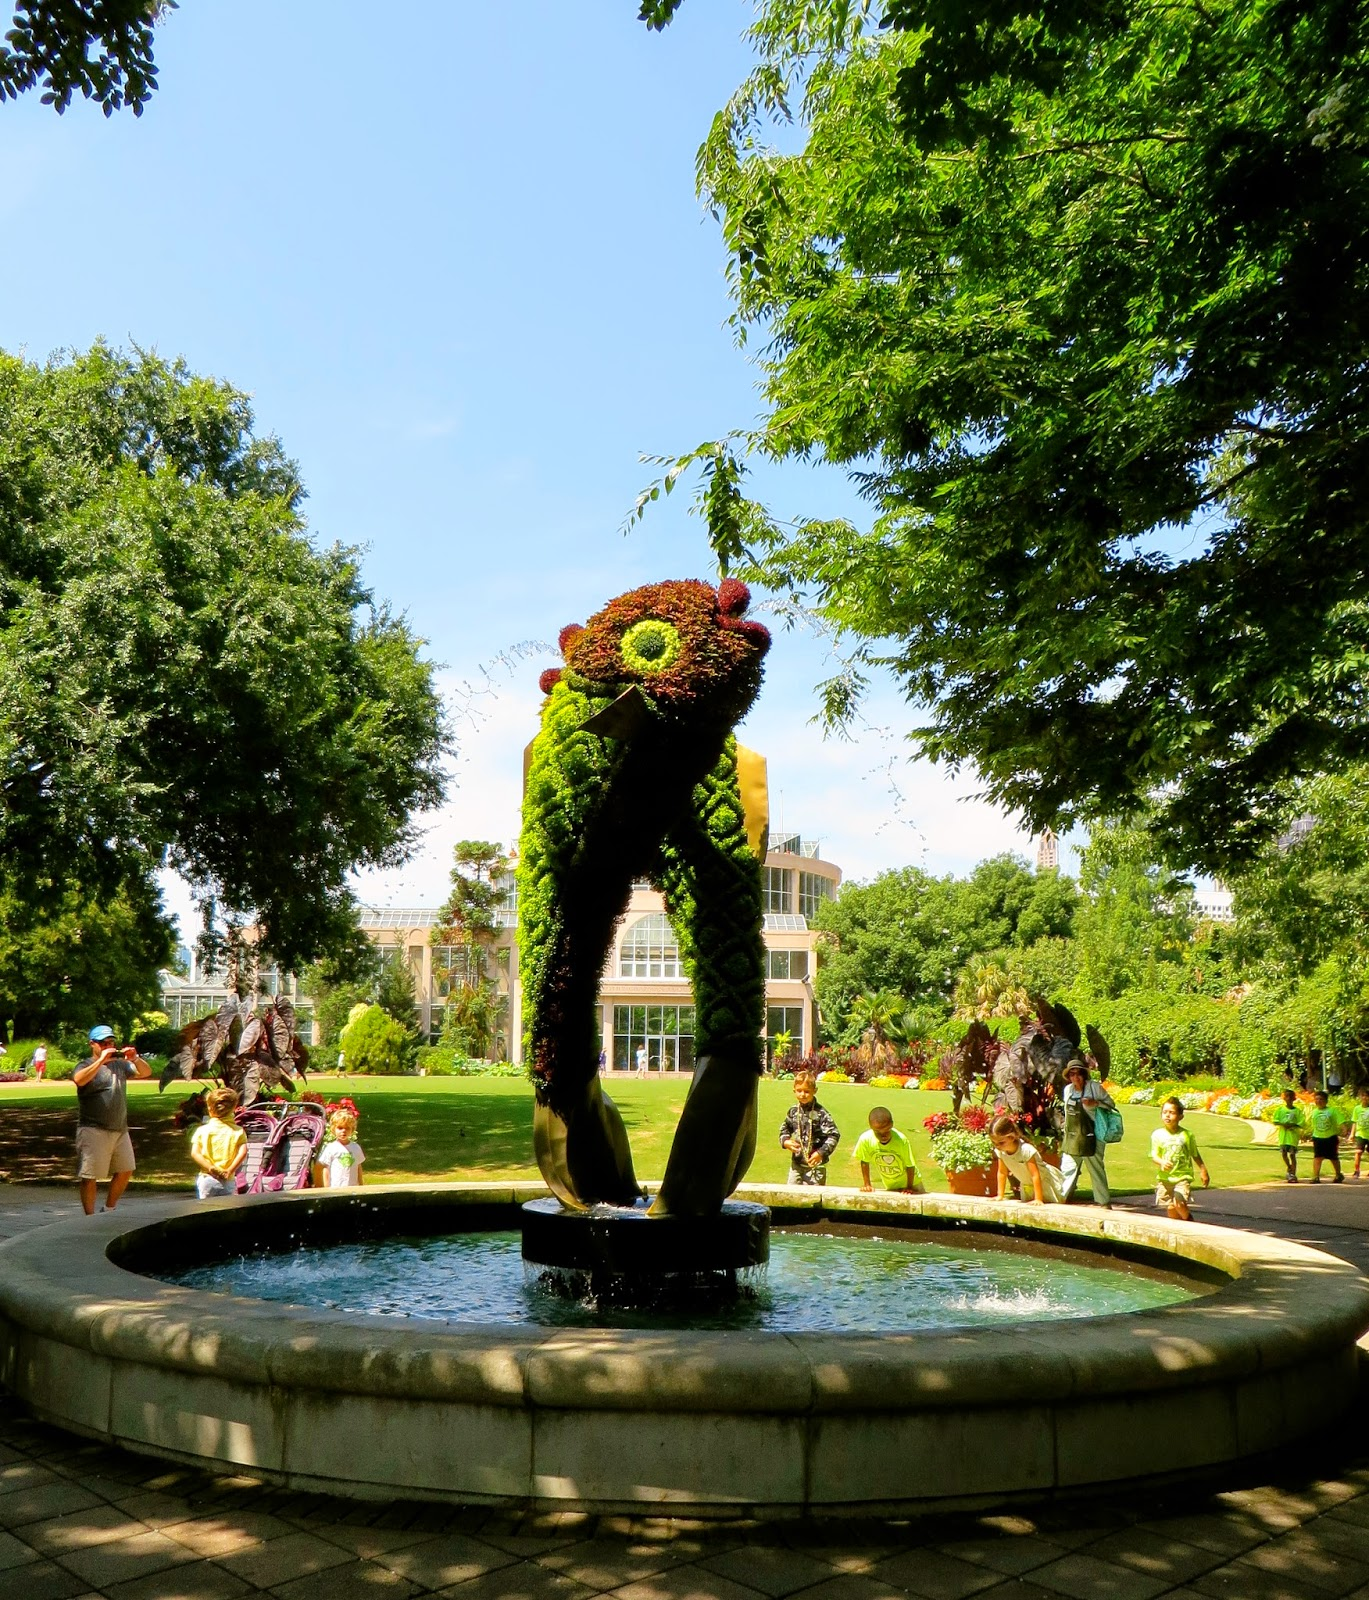 A curious gardener atlanta botanical garden for Atlanta botanical garden upcoming events